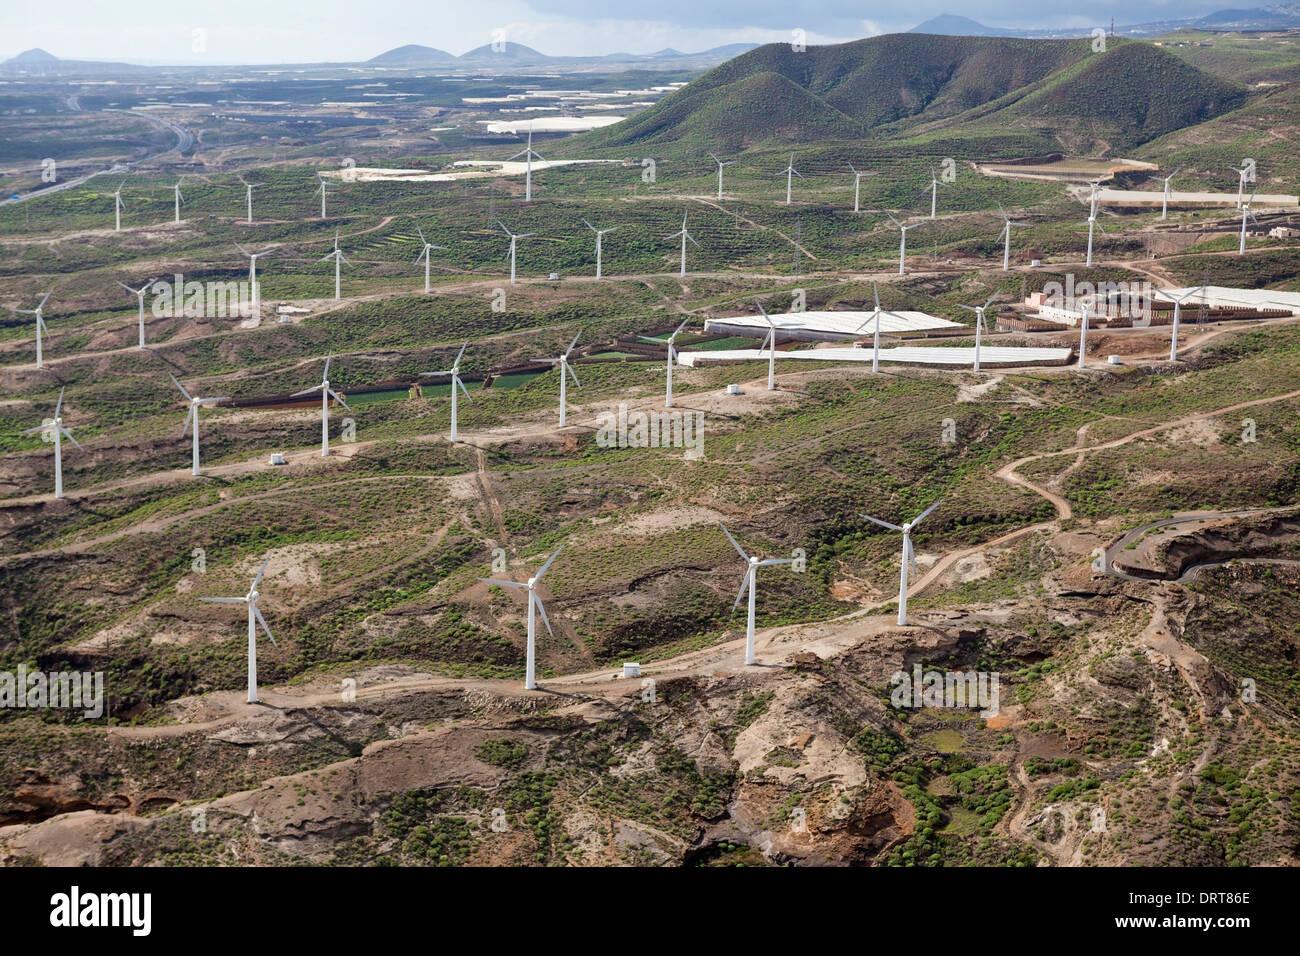 Aerial View of Wind Kraftwerk, Tenerife, Spanien Stockbild